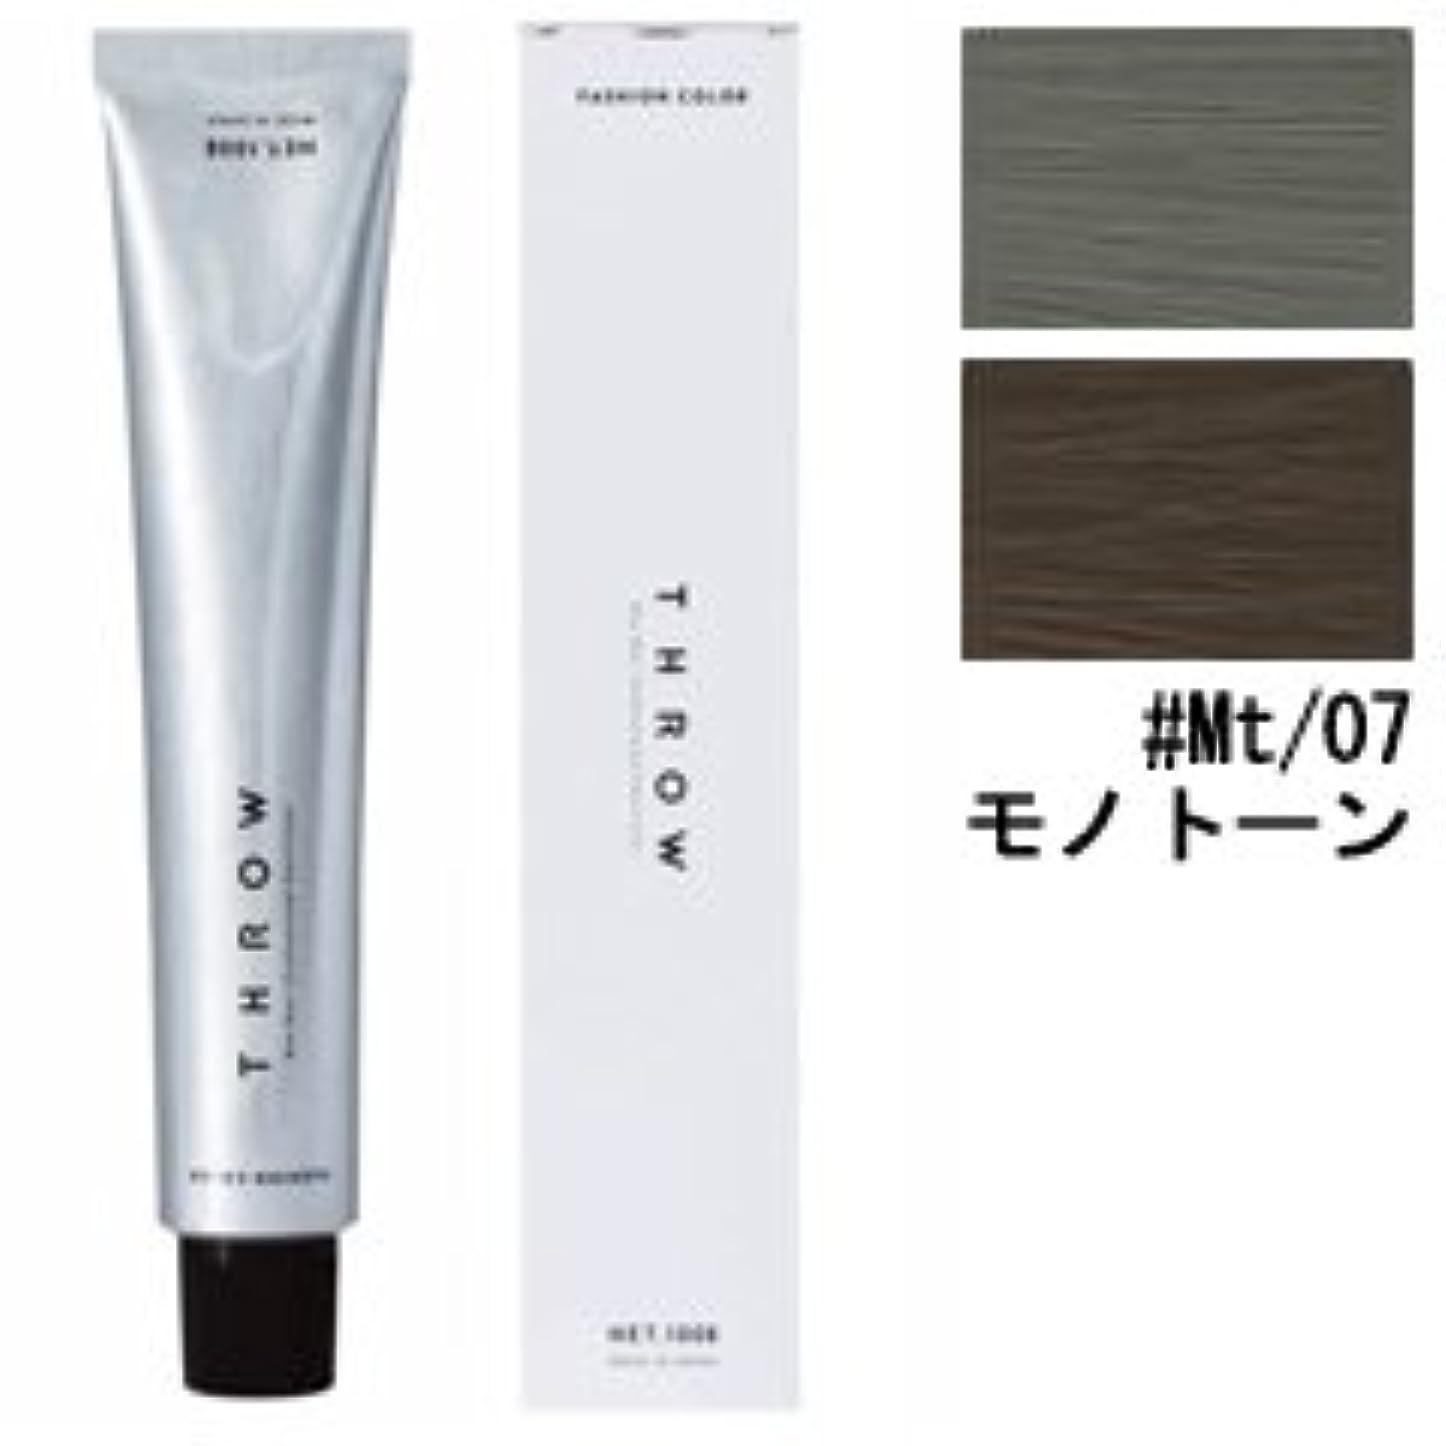 【モルトベーネ】スロウ ファッションカラー #Mt/07 モノトーン 100g